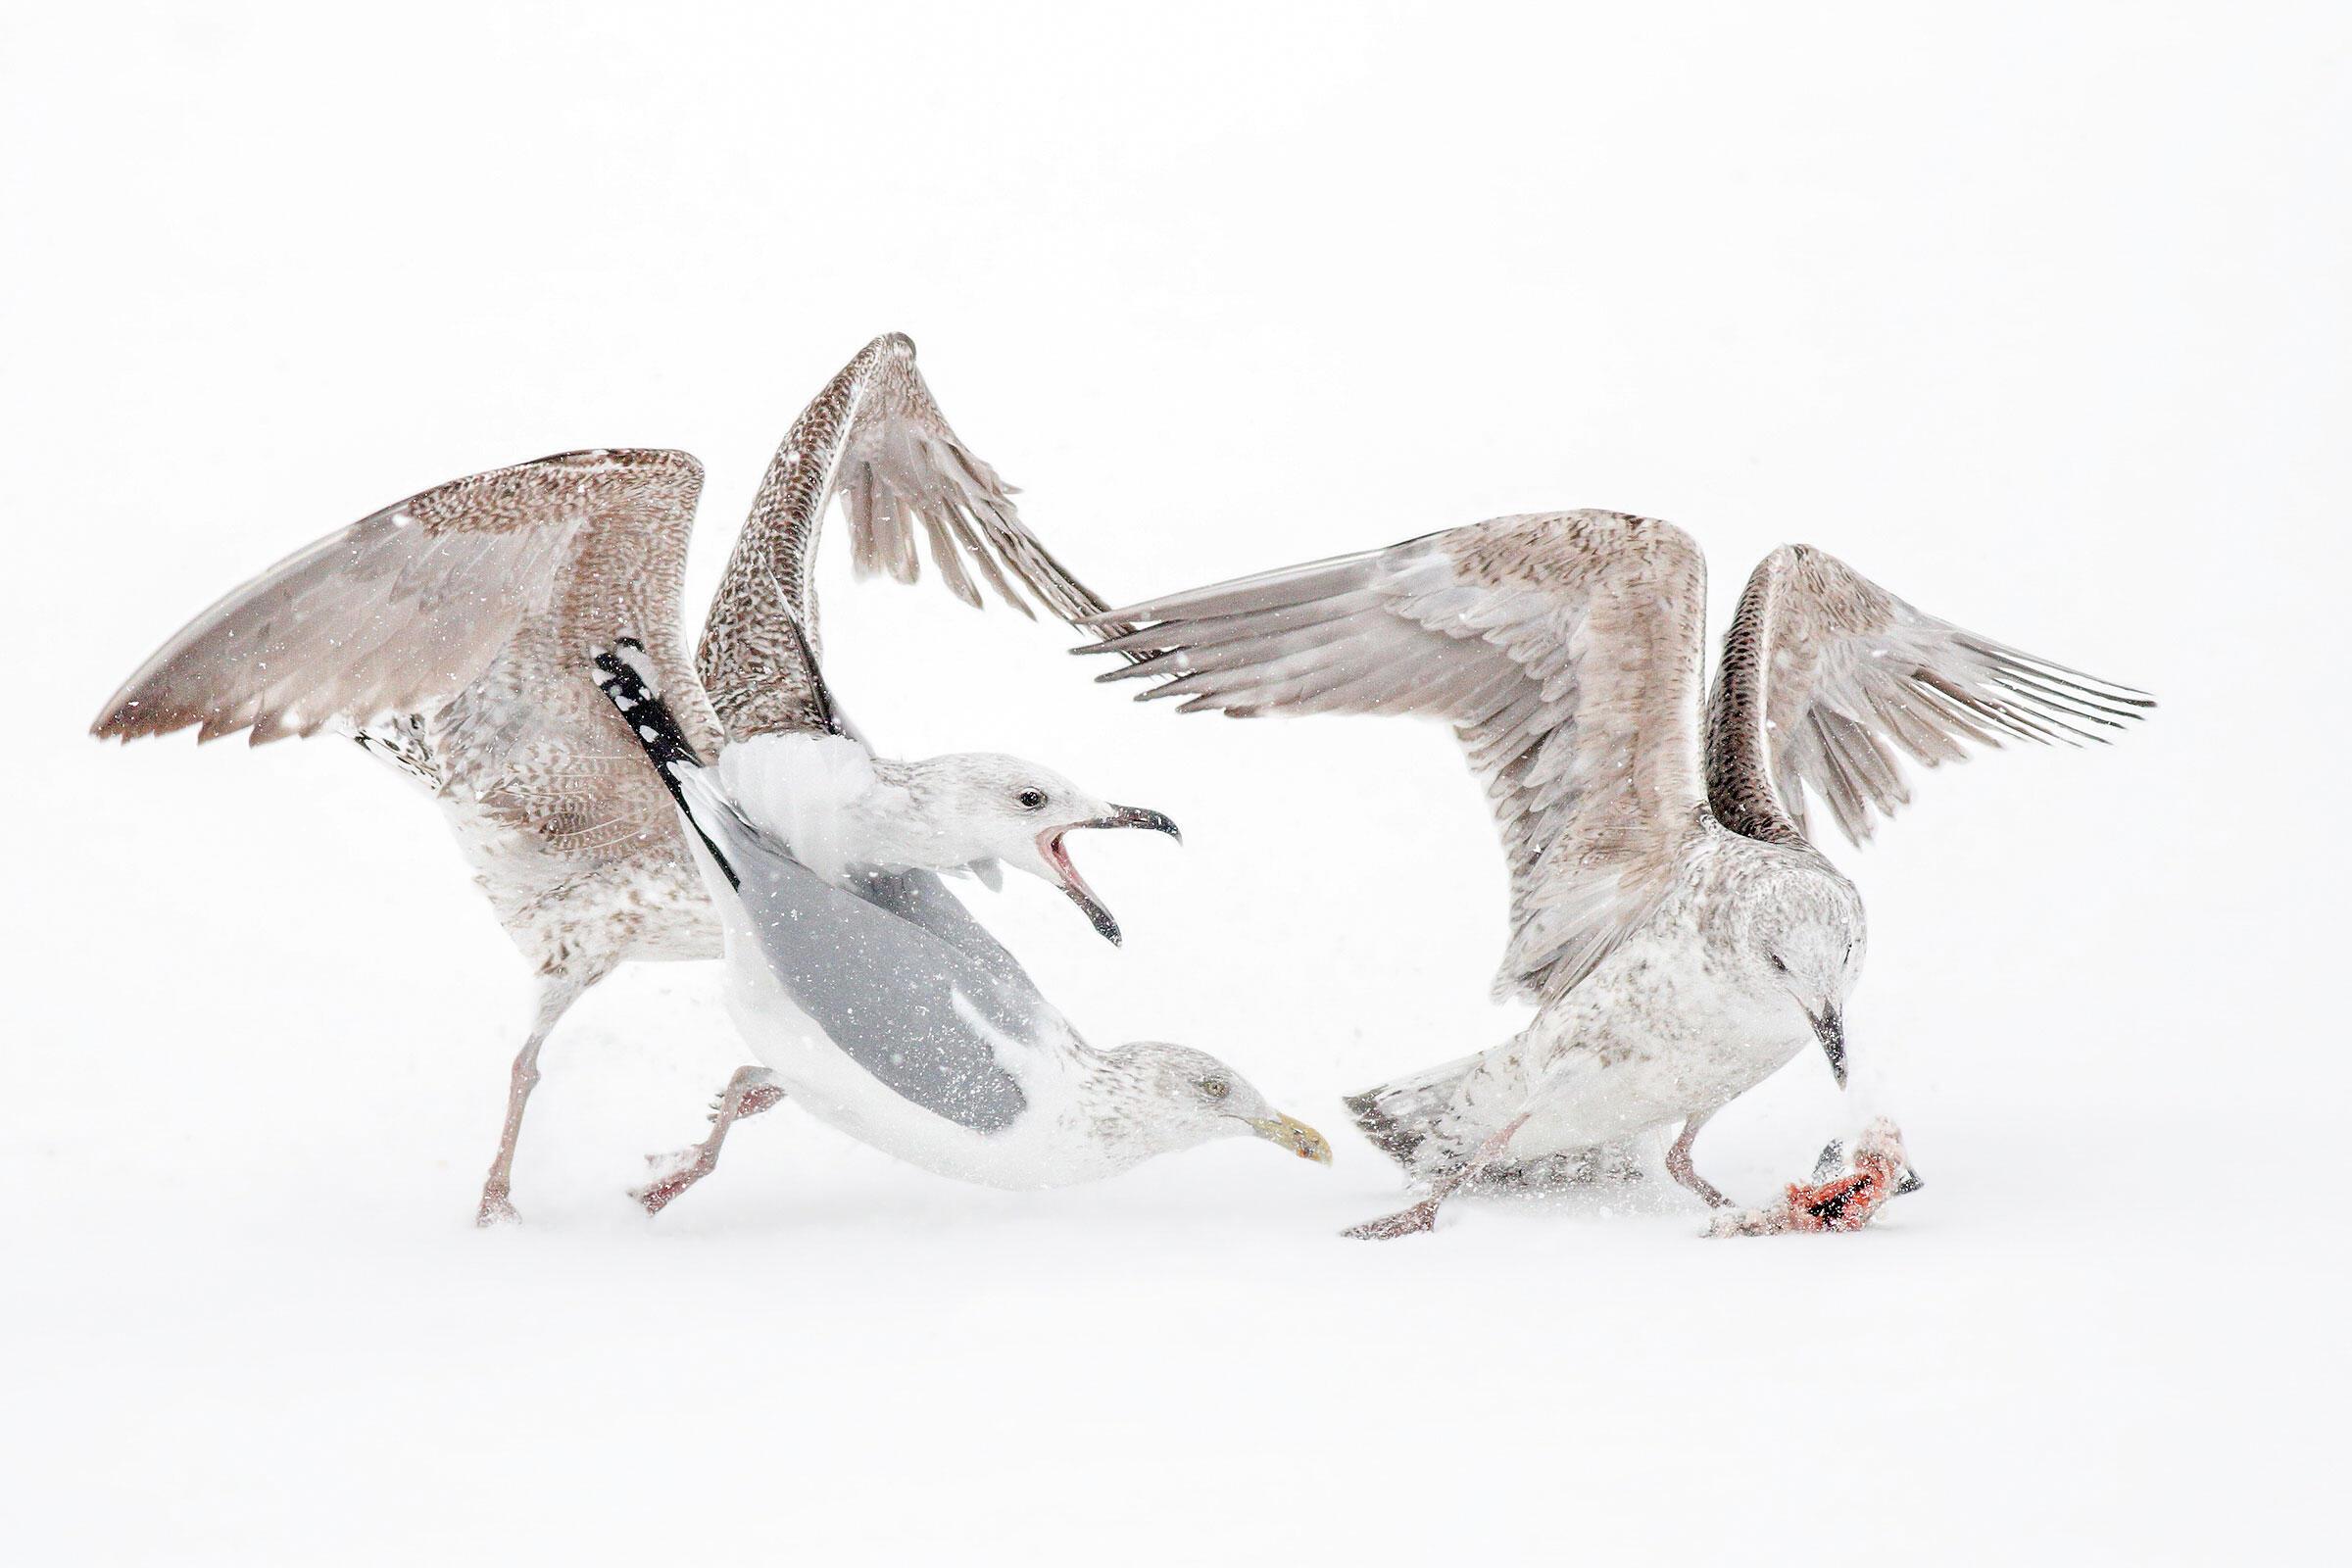 Juvenile Great Black-backed Gulls and Herring Gull/Amateur Category. Jonathan Kresge/Audubon Photography Awards